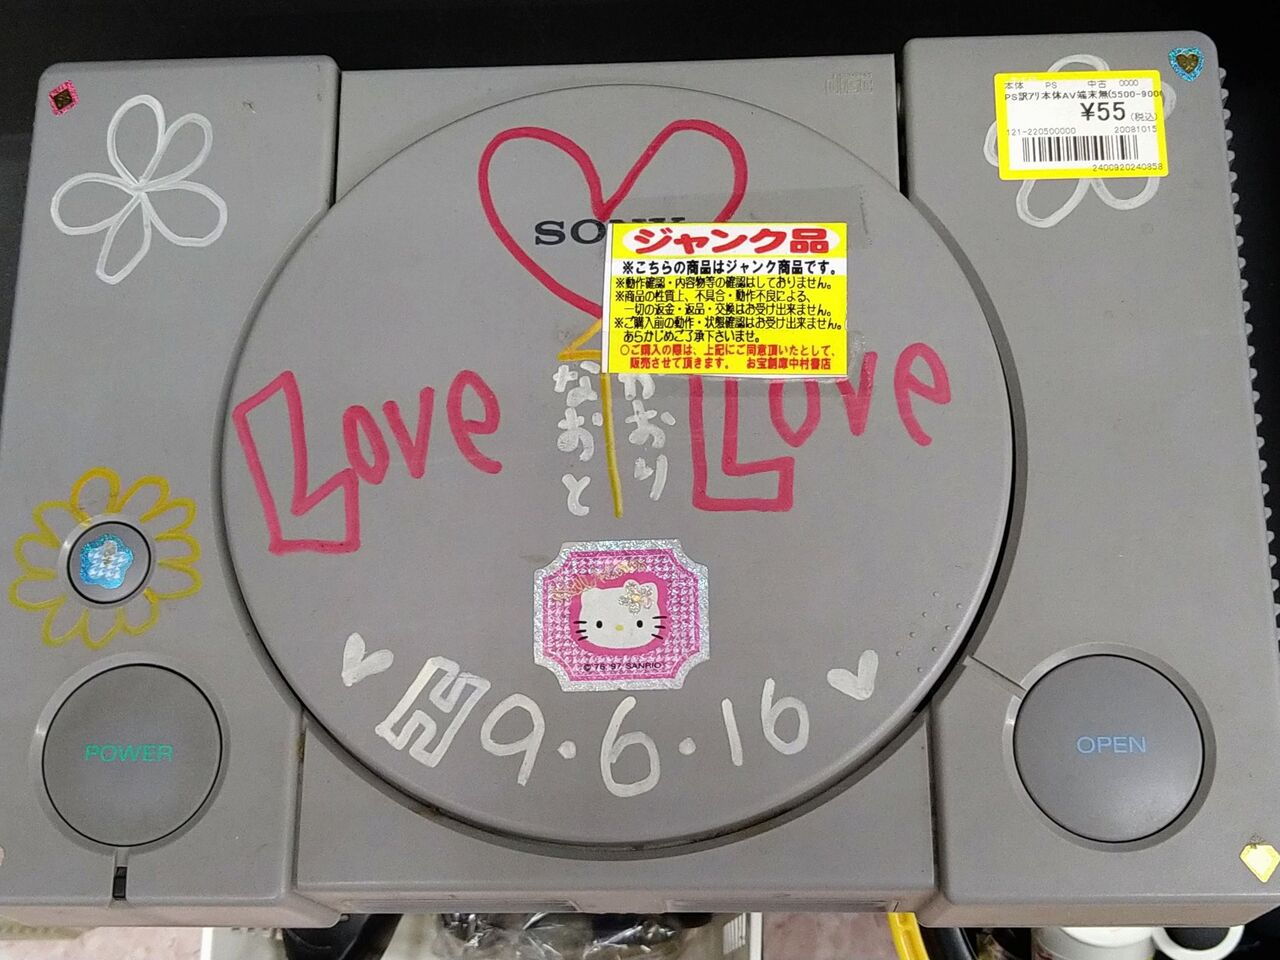 【朗報】プレステ、55円で販売中wwwwwwwwwww